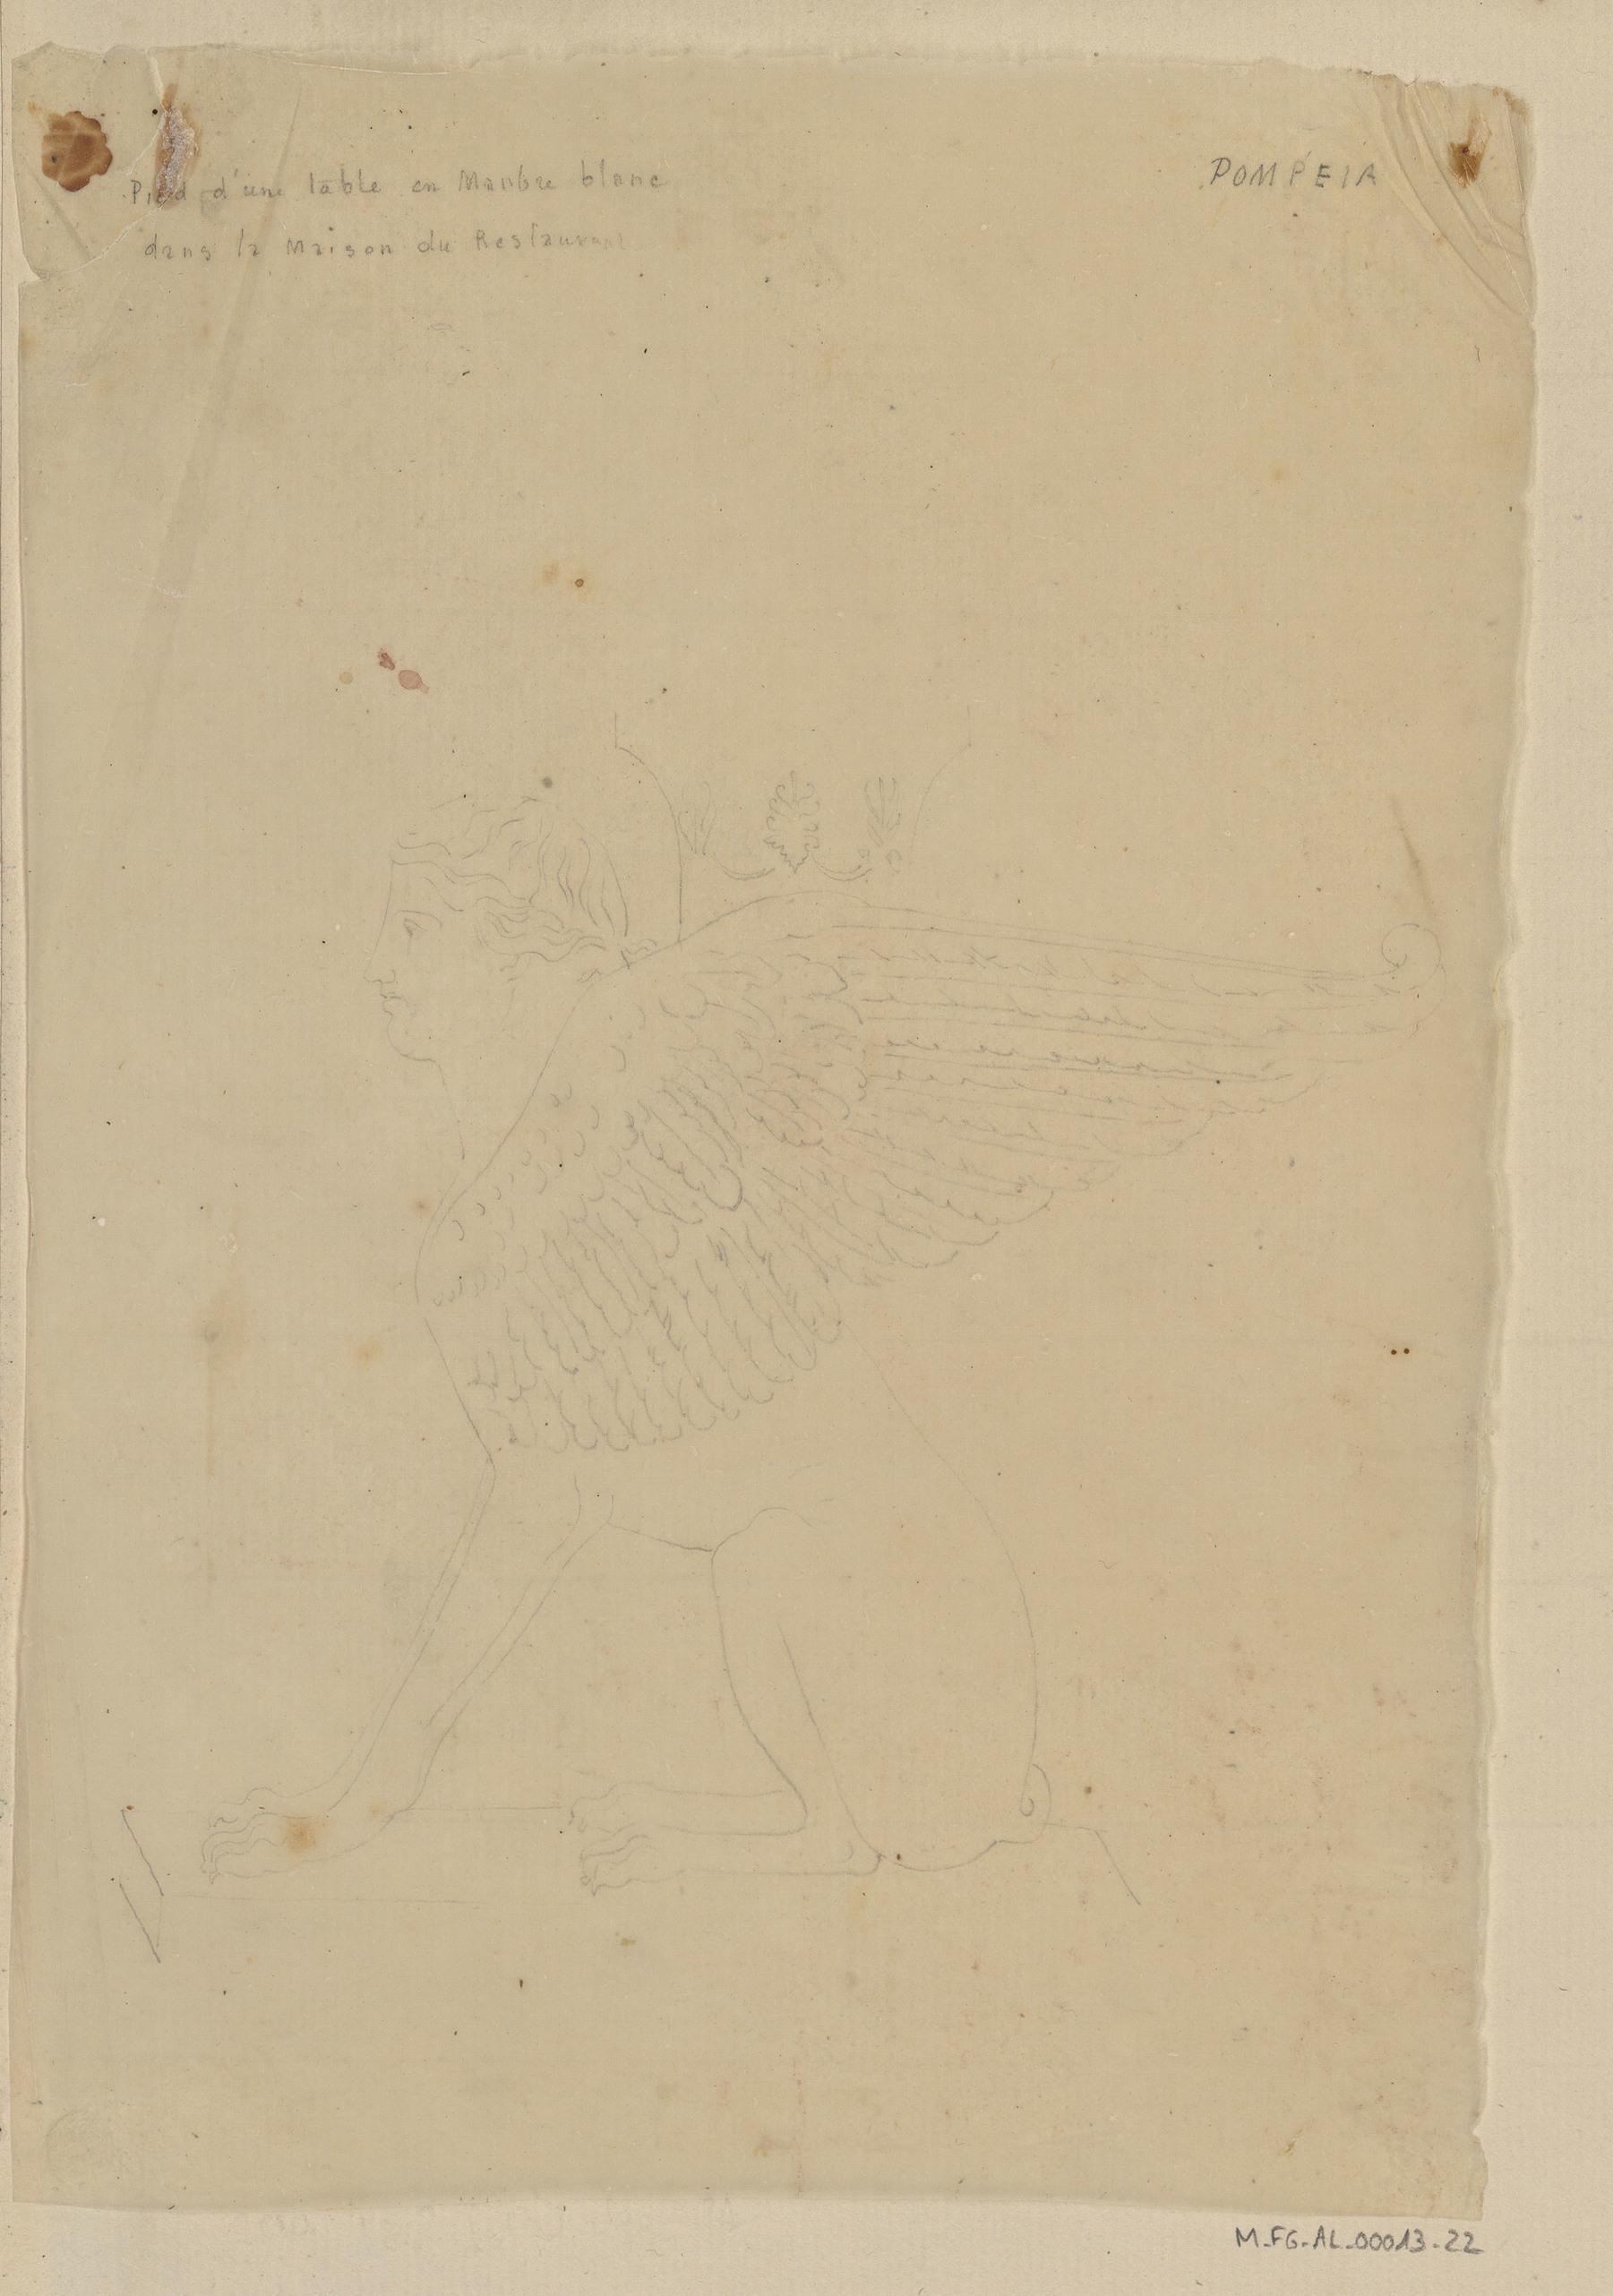 Contenu du Pompéia, pied d'une table en marbre blanc dans la maison du restaurant